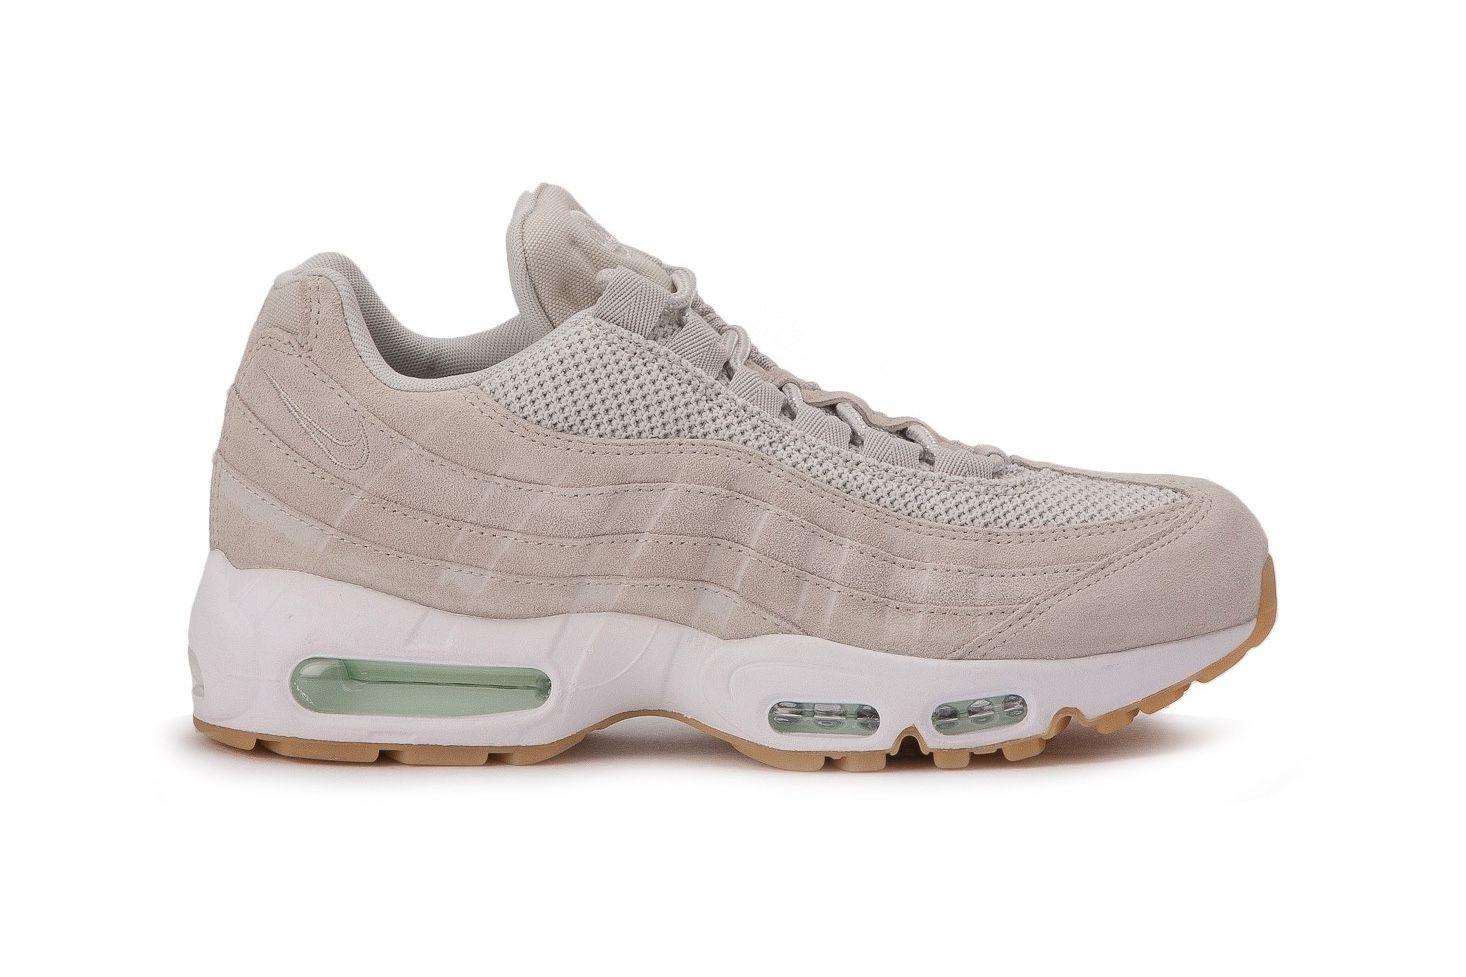 Nike's Air Max 95 Premium